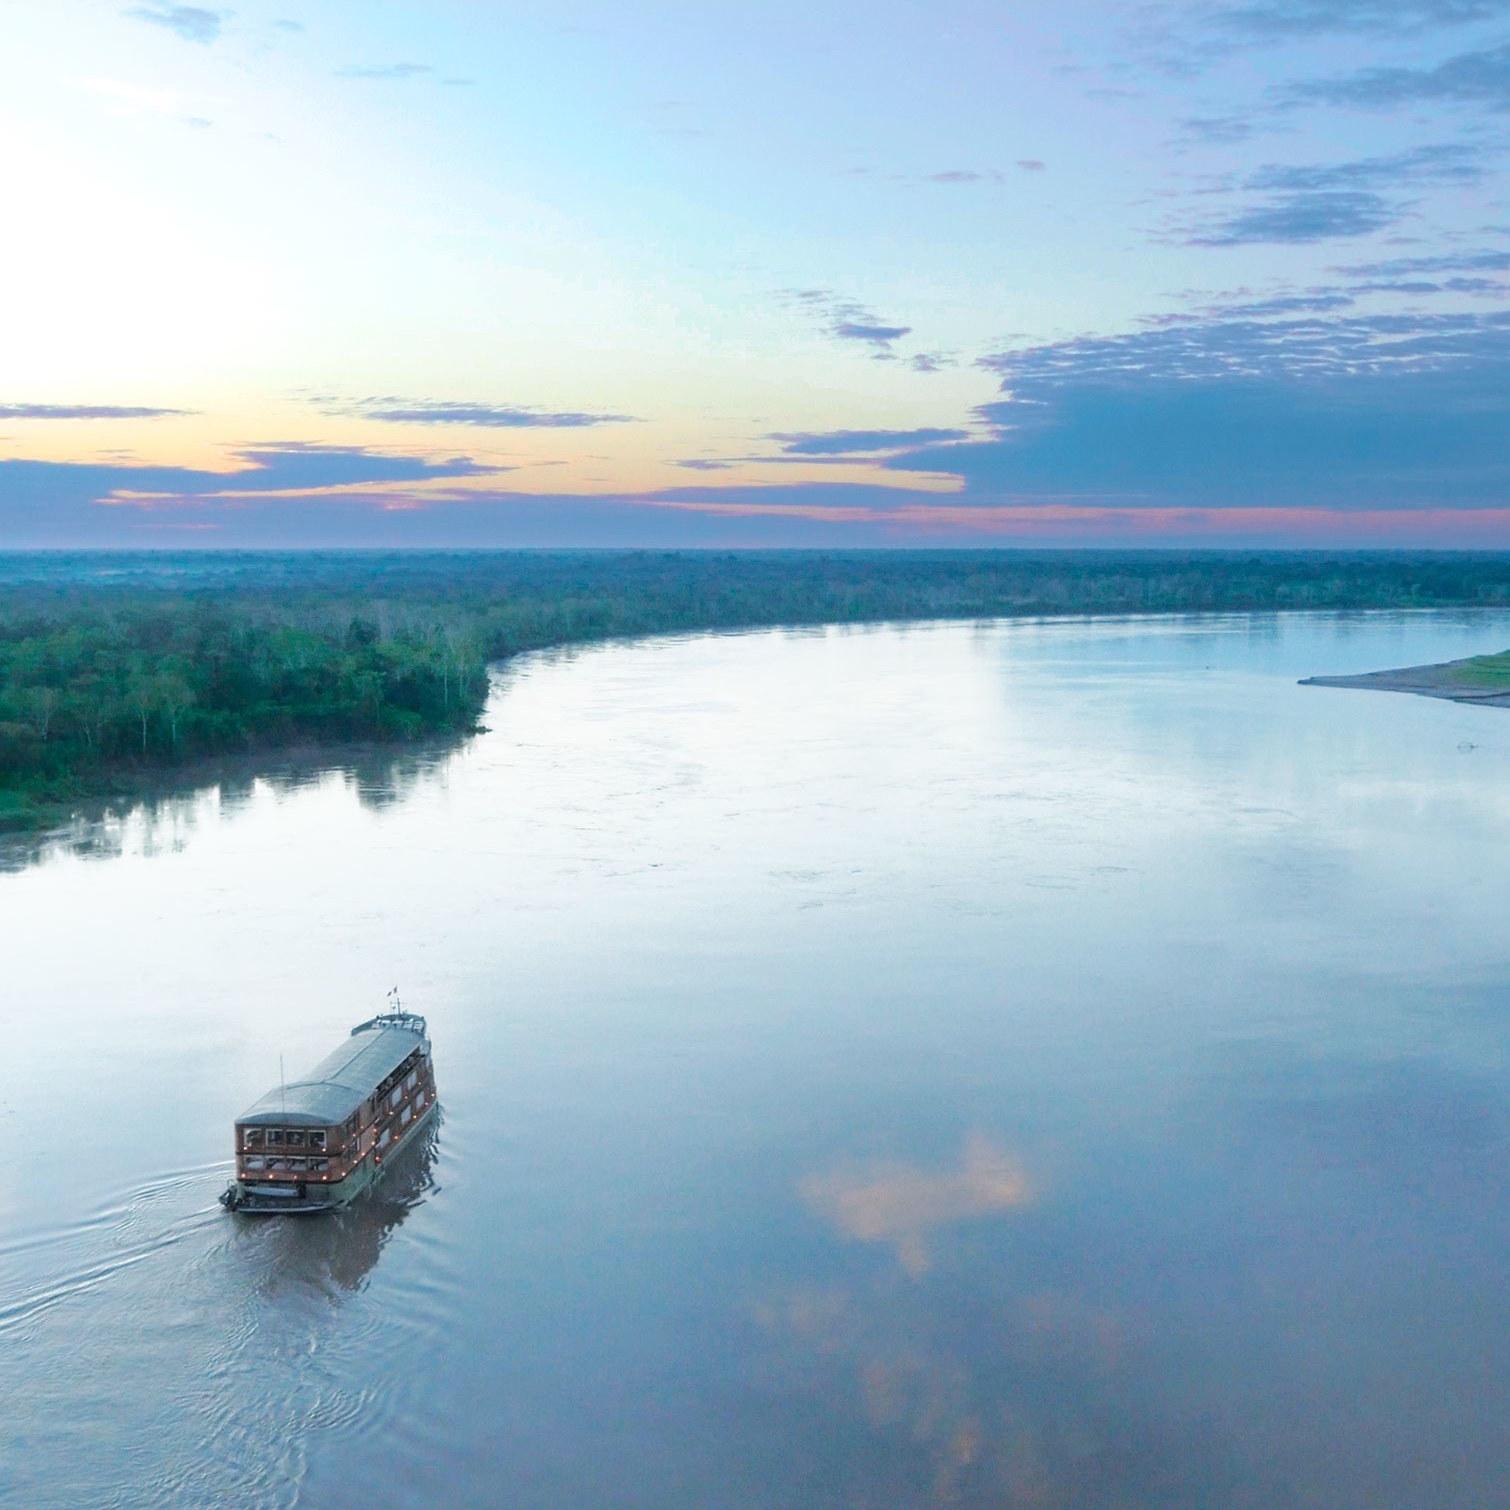 https://www.travelersjoy.com/blog/Peru-Amazon-Delfin-Amazon-Cruises.jpg